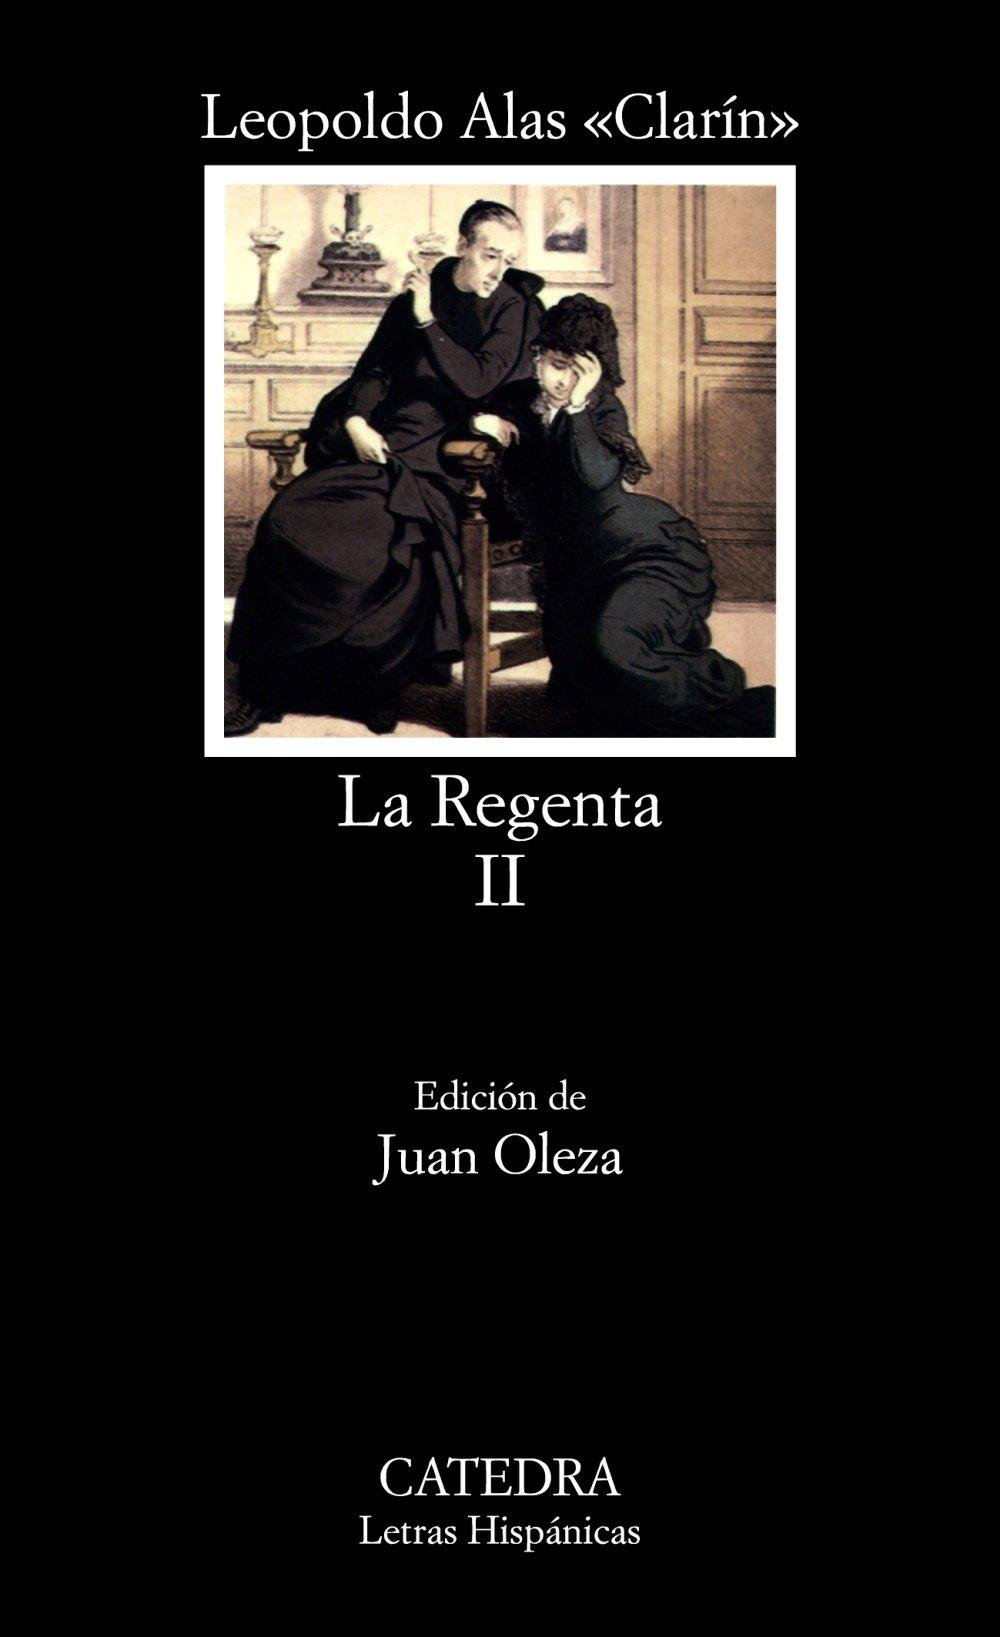 La regenta: 2 (Spagnolo) Copertina flessibile – 31 gen 2001 Leopoldo Clarin Alas Catedra 8437604559 Classic fiction (pre c 1945)